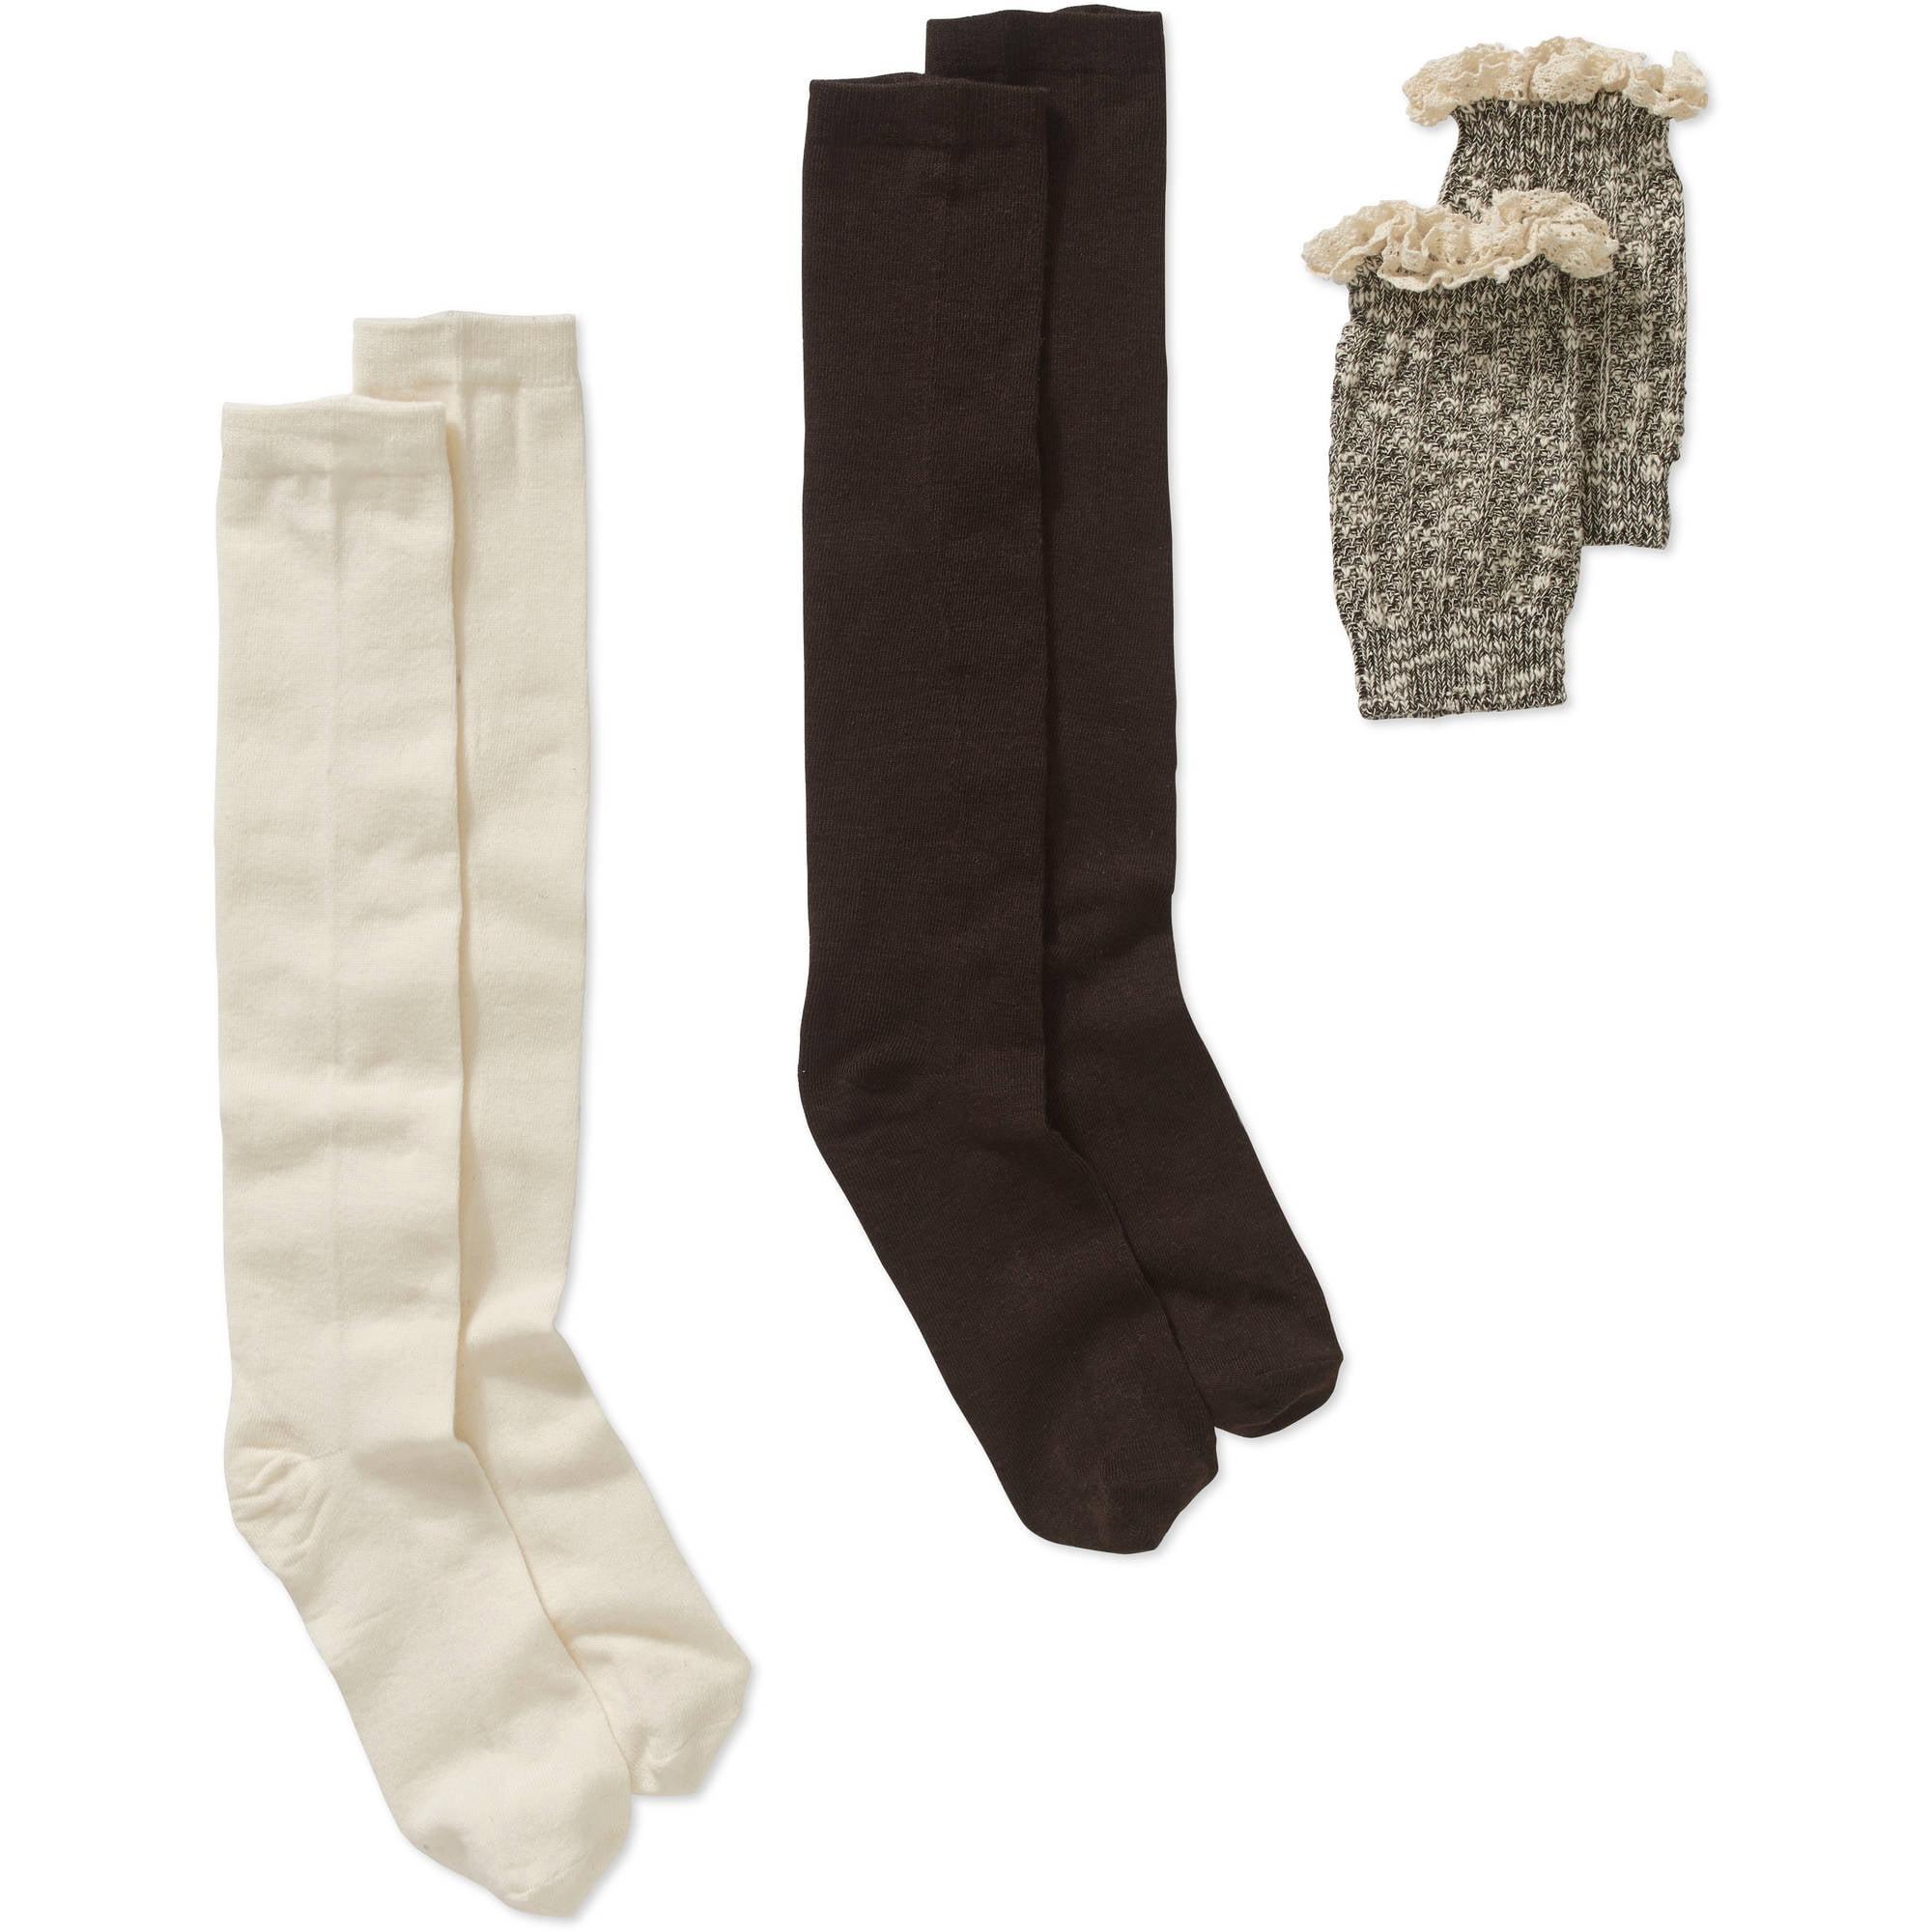 Ladies Marled Basket Stitch Boot Cuff with Slub Yarn, Crochet Cuff and Knee High Set, 2 Pack